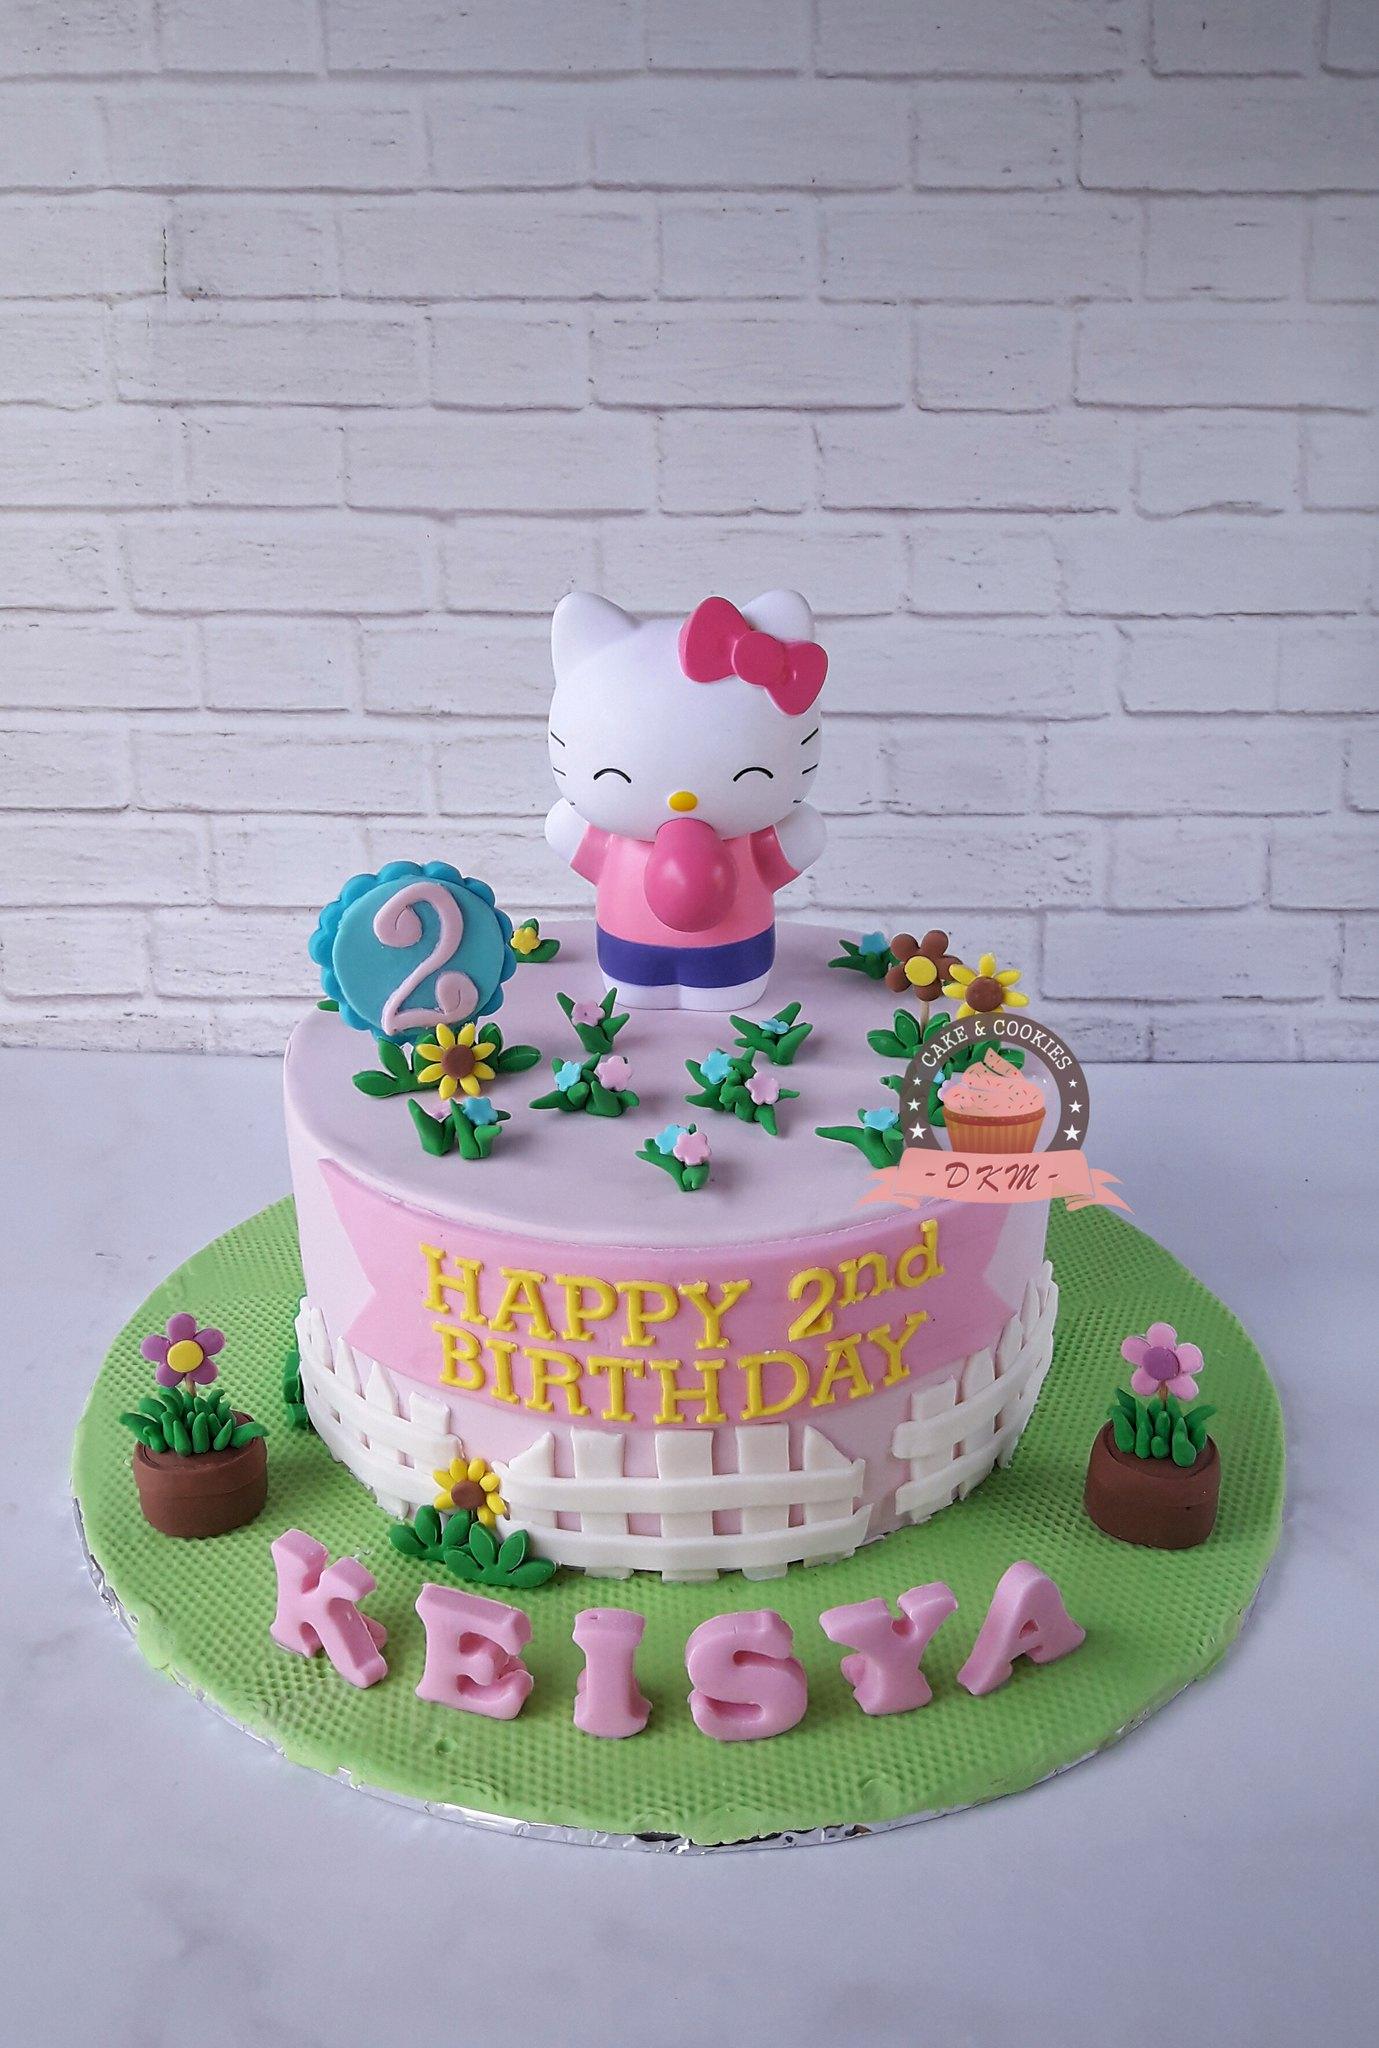 pesan cake jember, pesan kue ulang tahun jember, toko kue jember, pesan tart jember, DKM Cakes